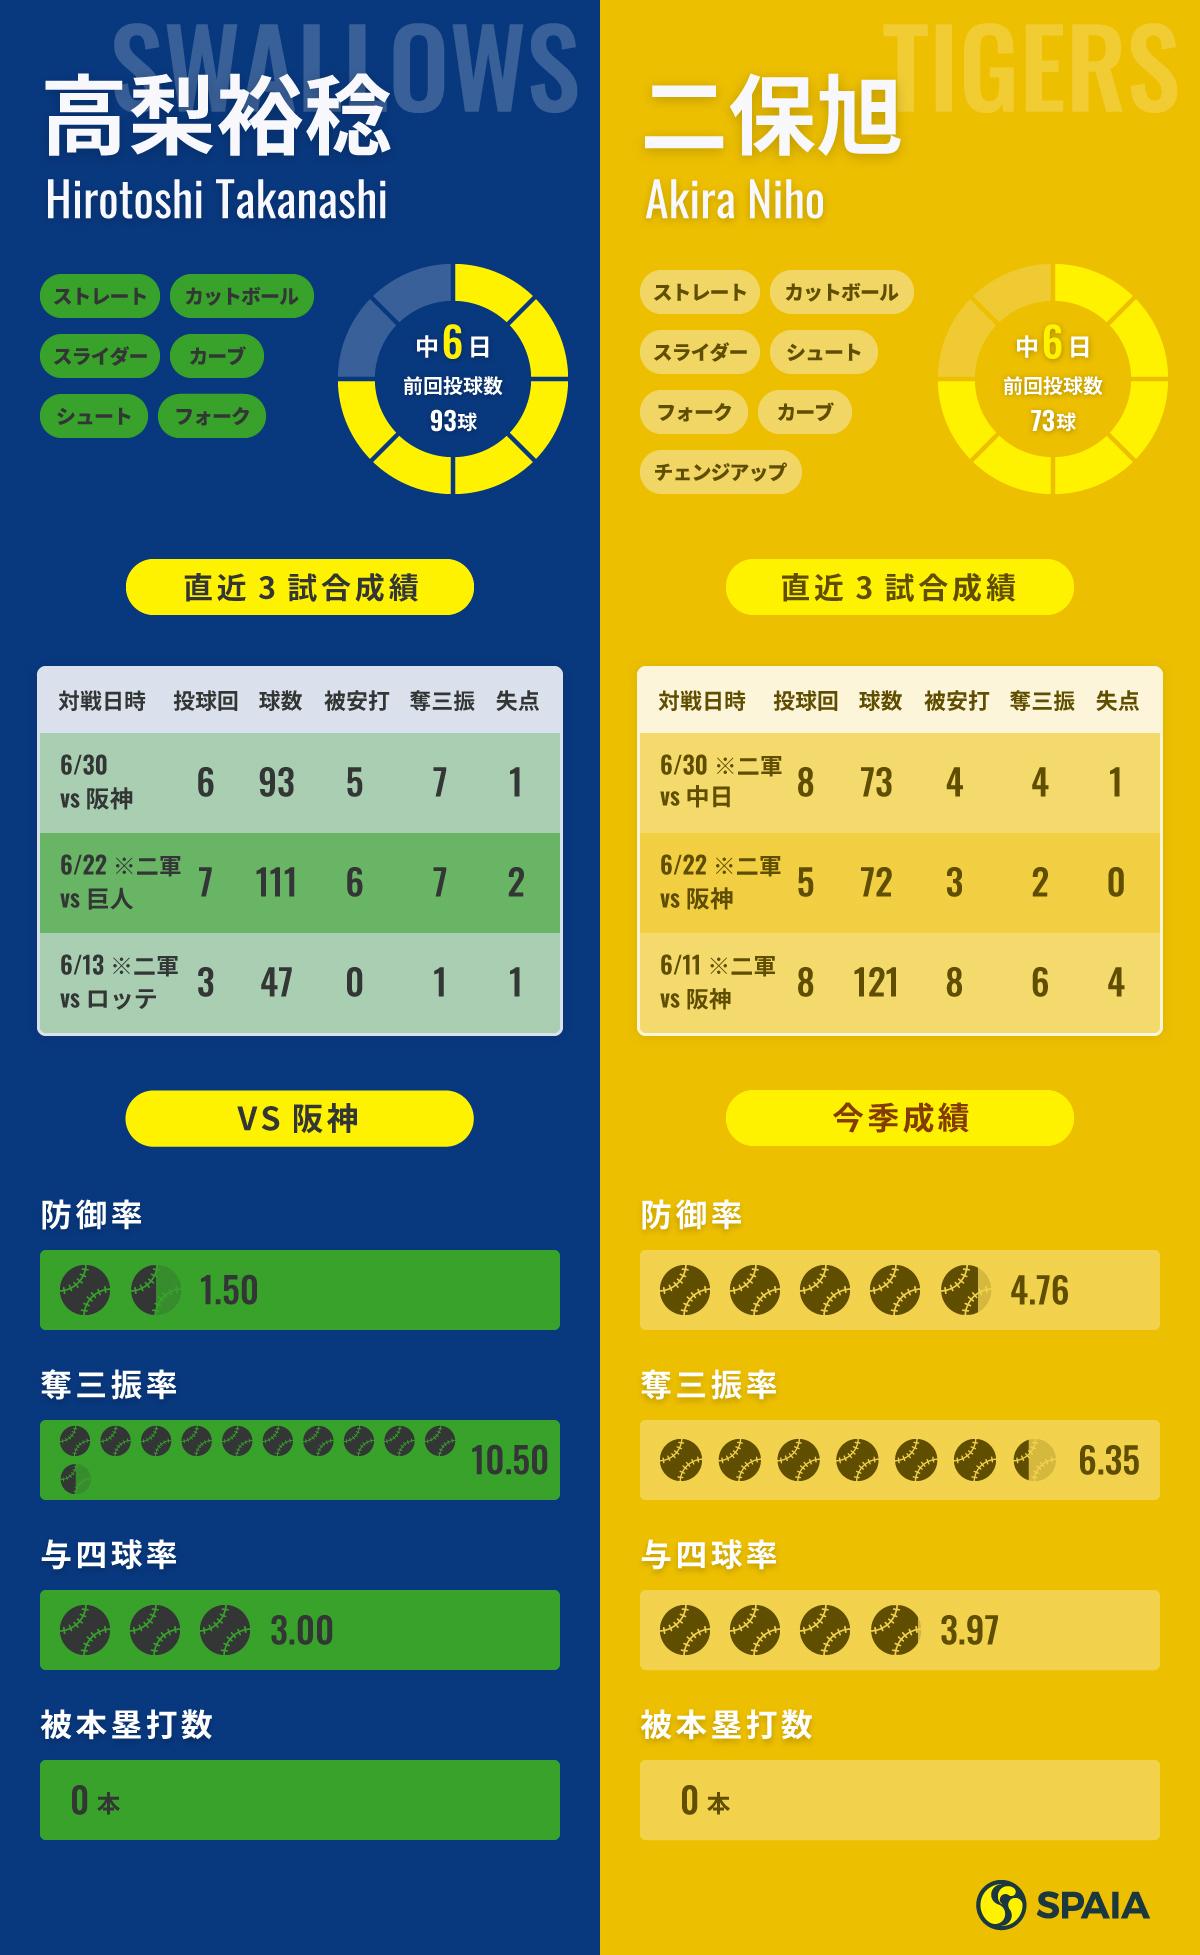 7月7日予告先発インフォグラフィック